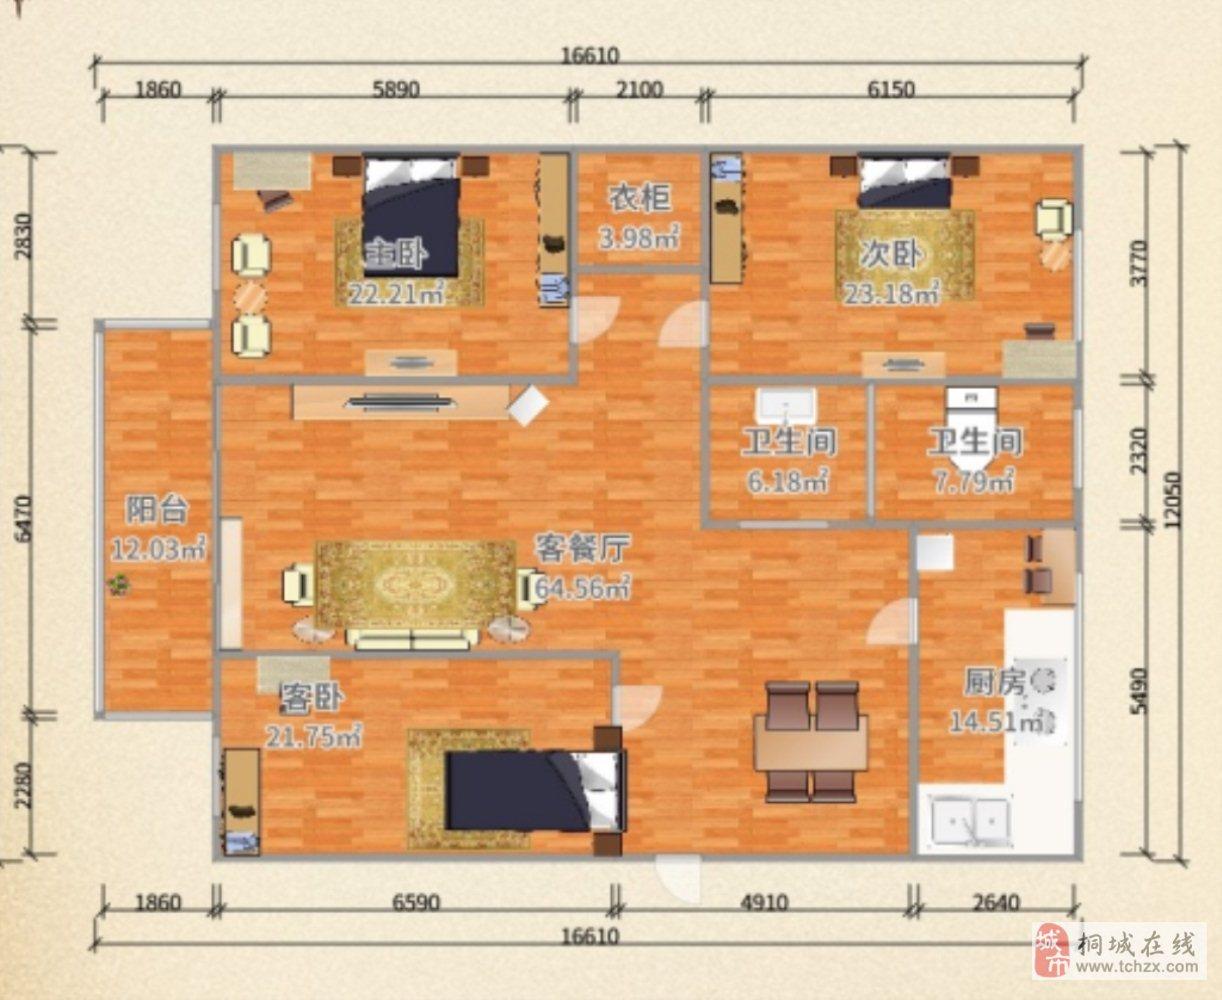 土产公司宿舍精装三室黄金楼层学区房满五